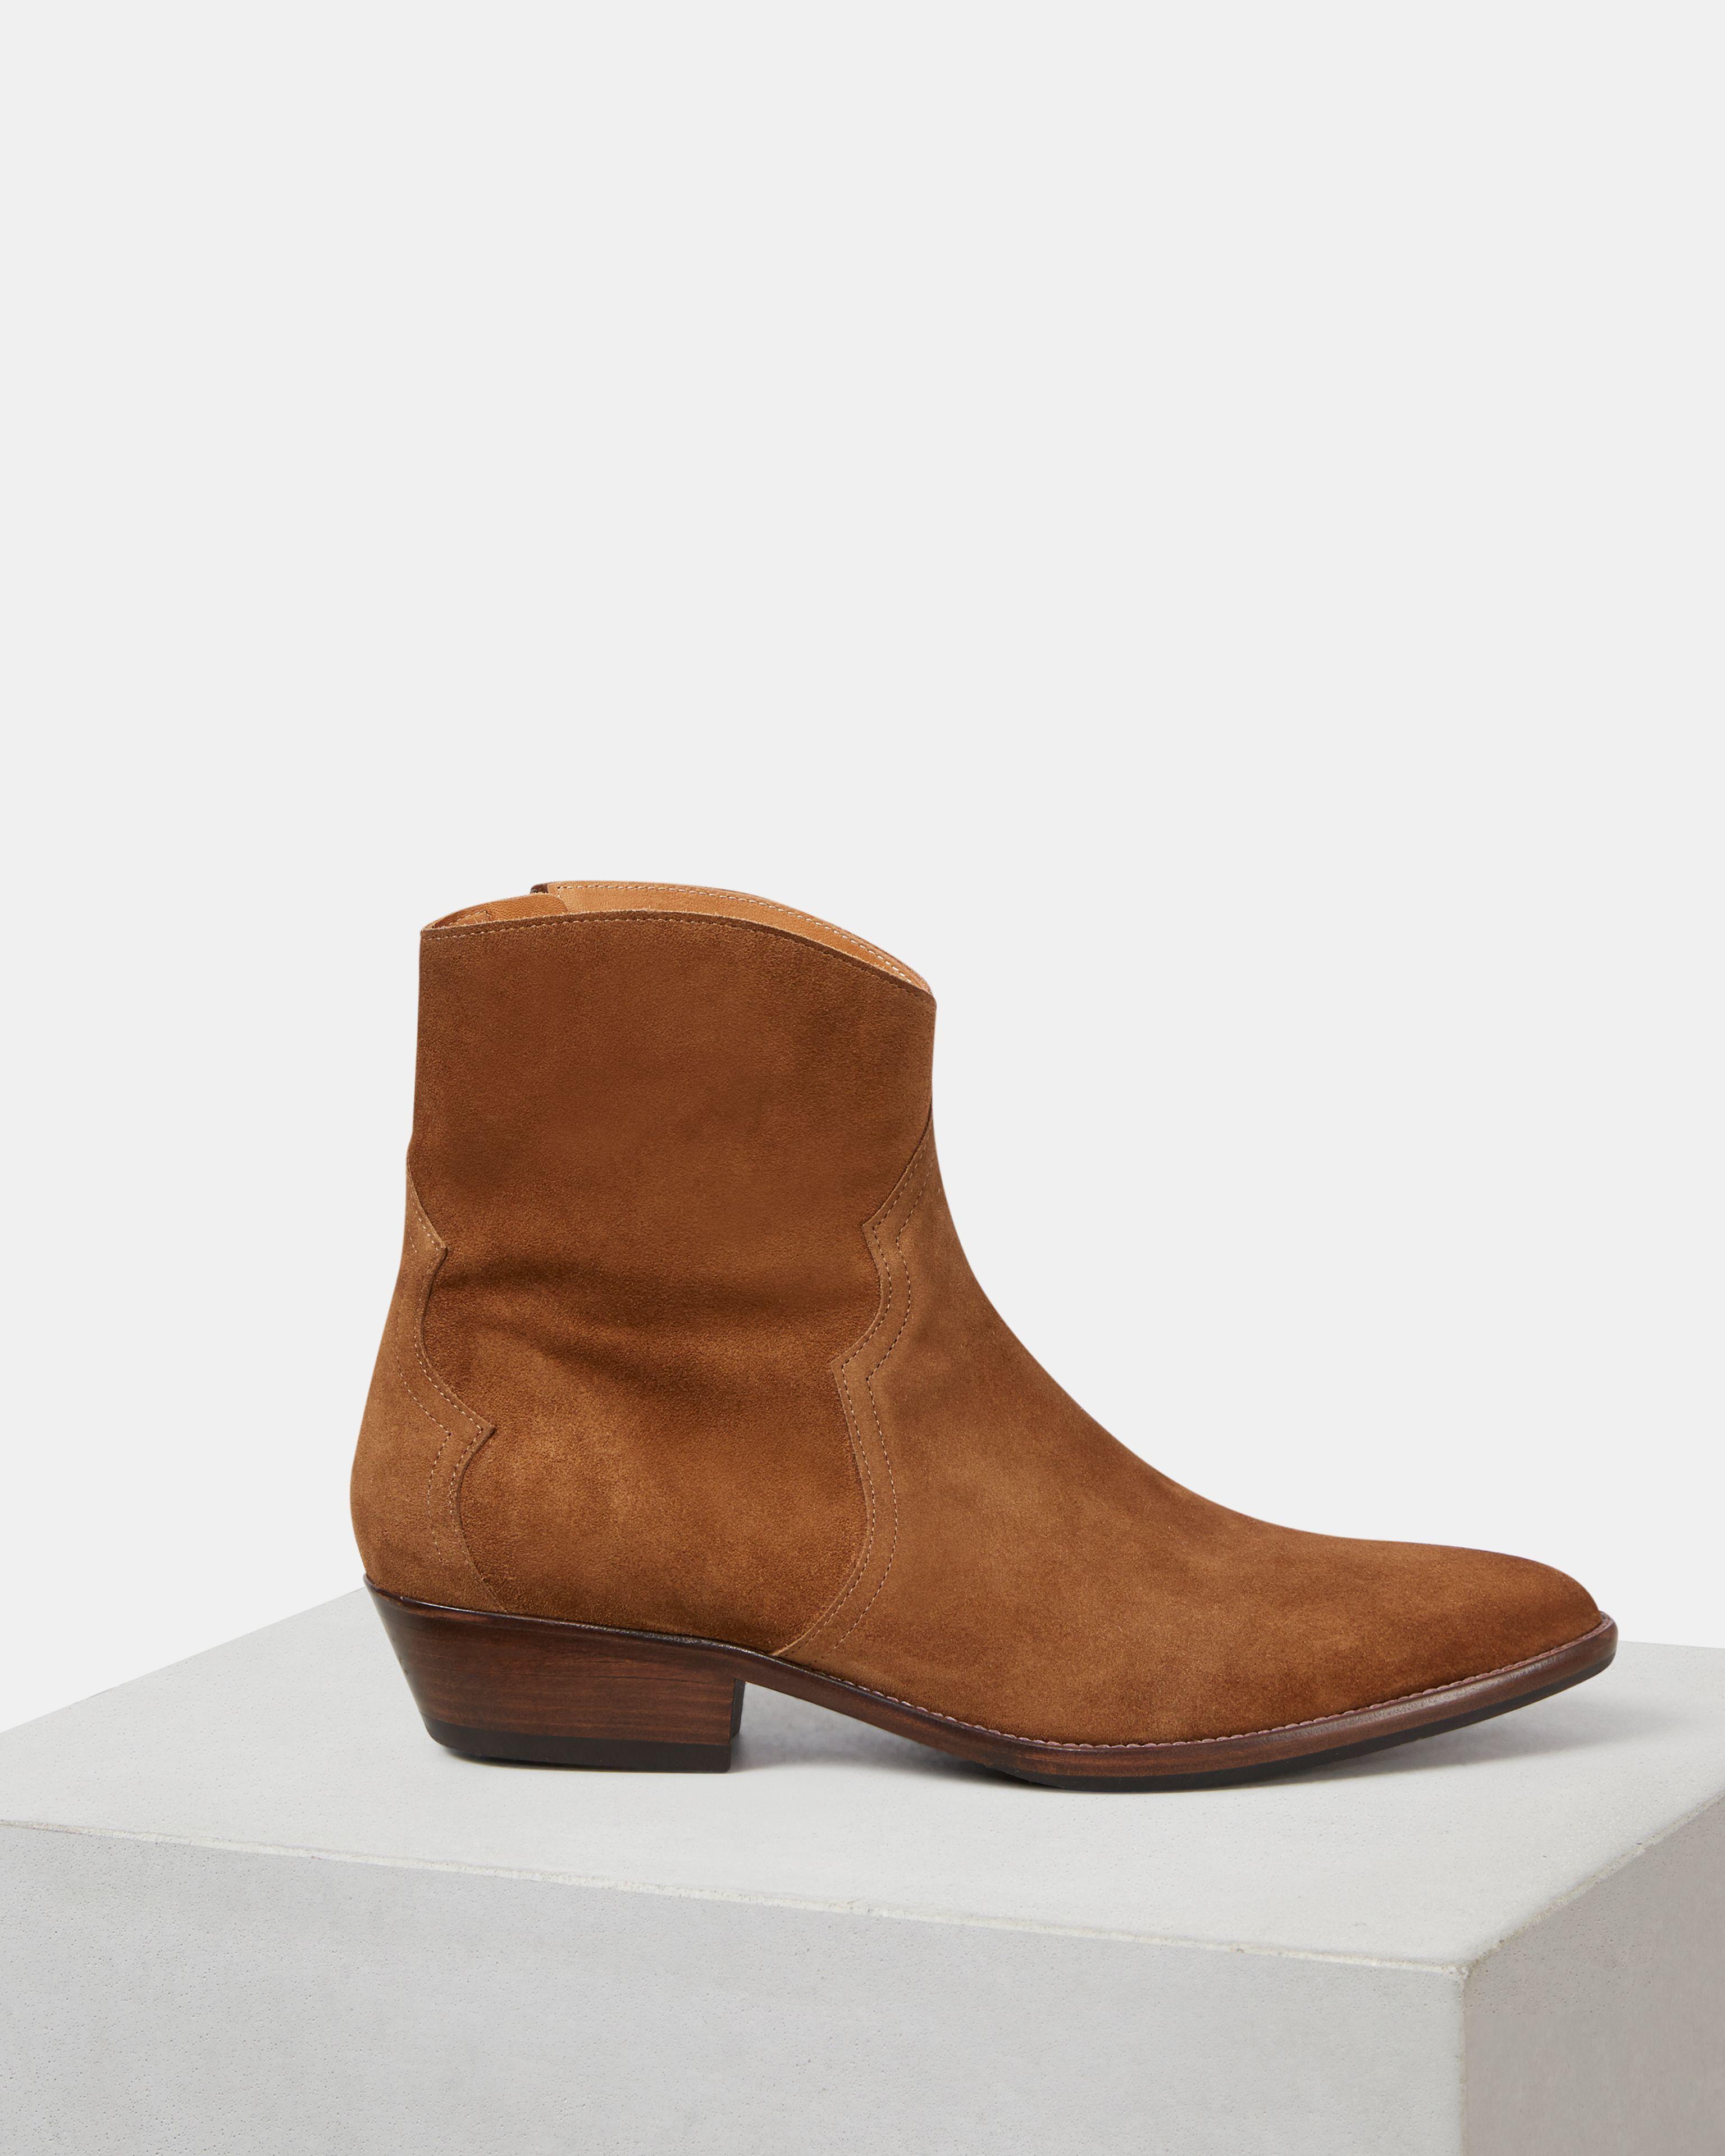 DERFEE 靴子